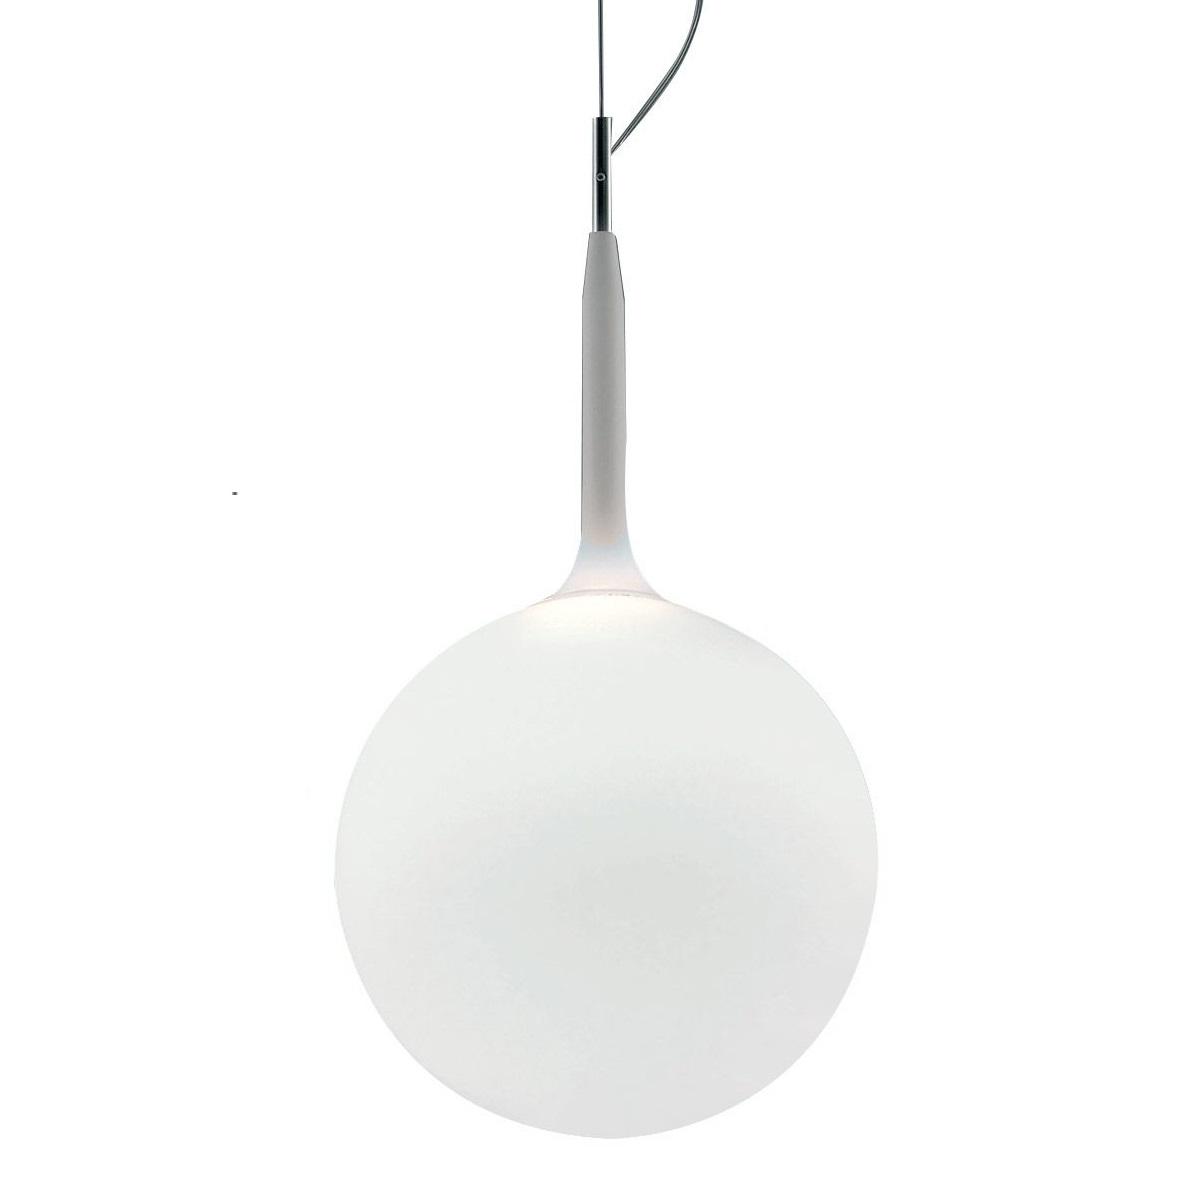 Artemide designová závěsná svítidla Castore Sospensione 35